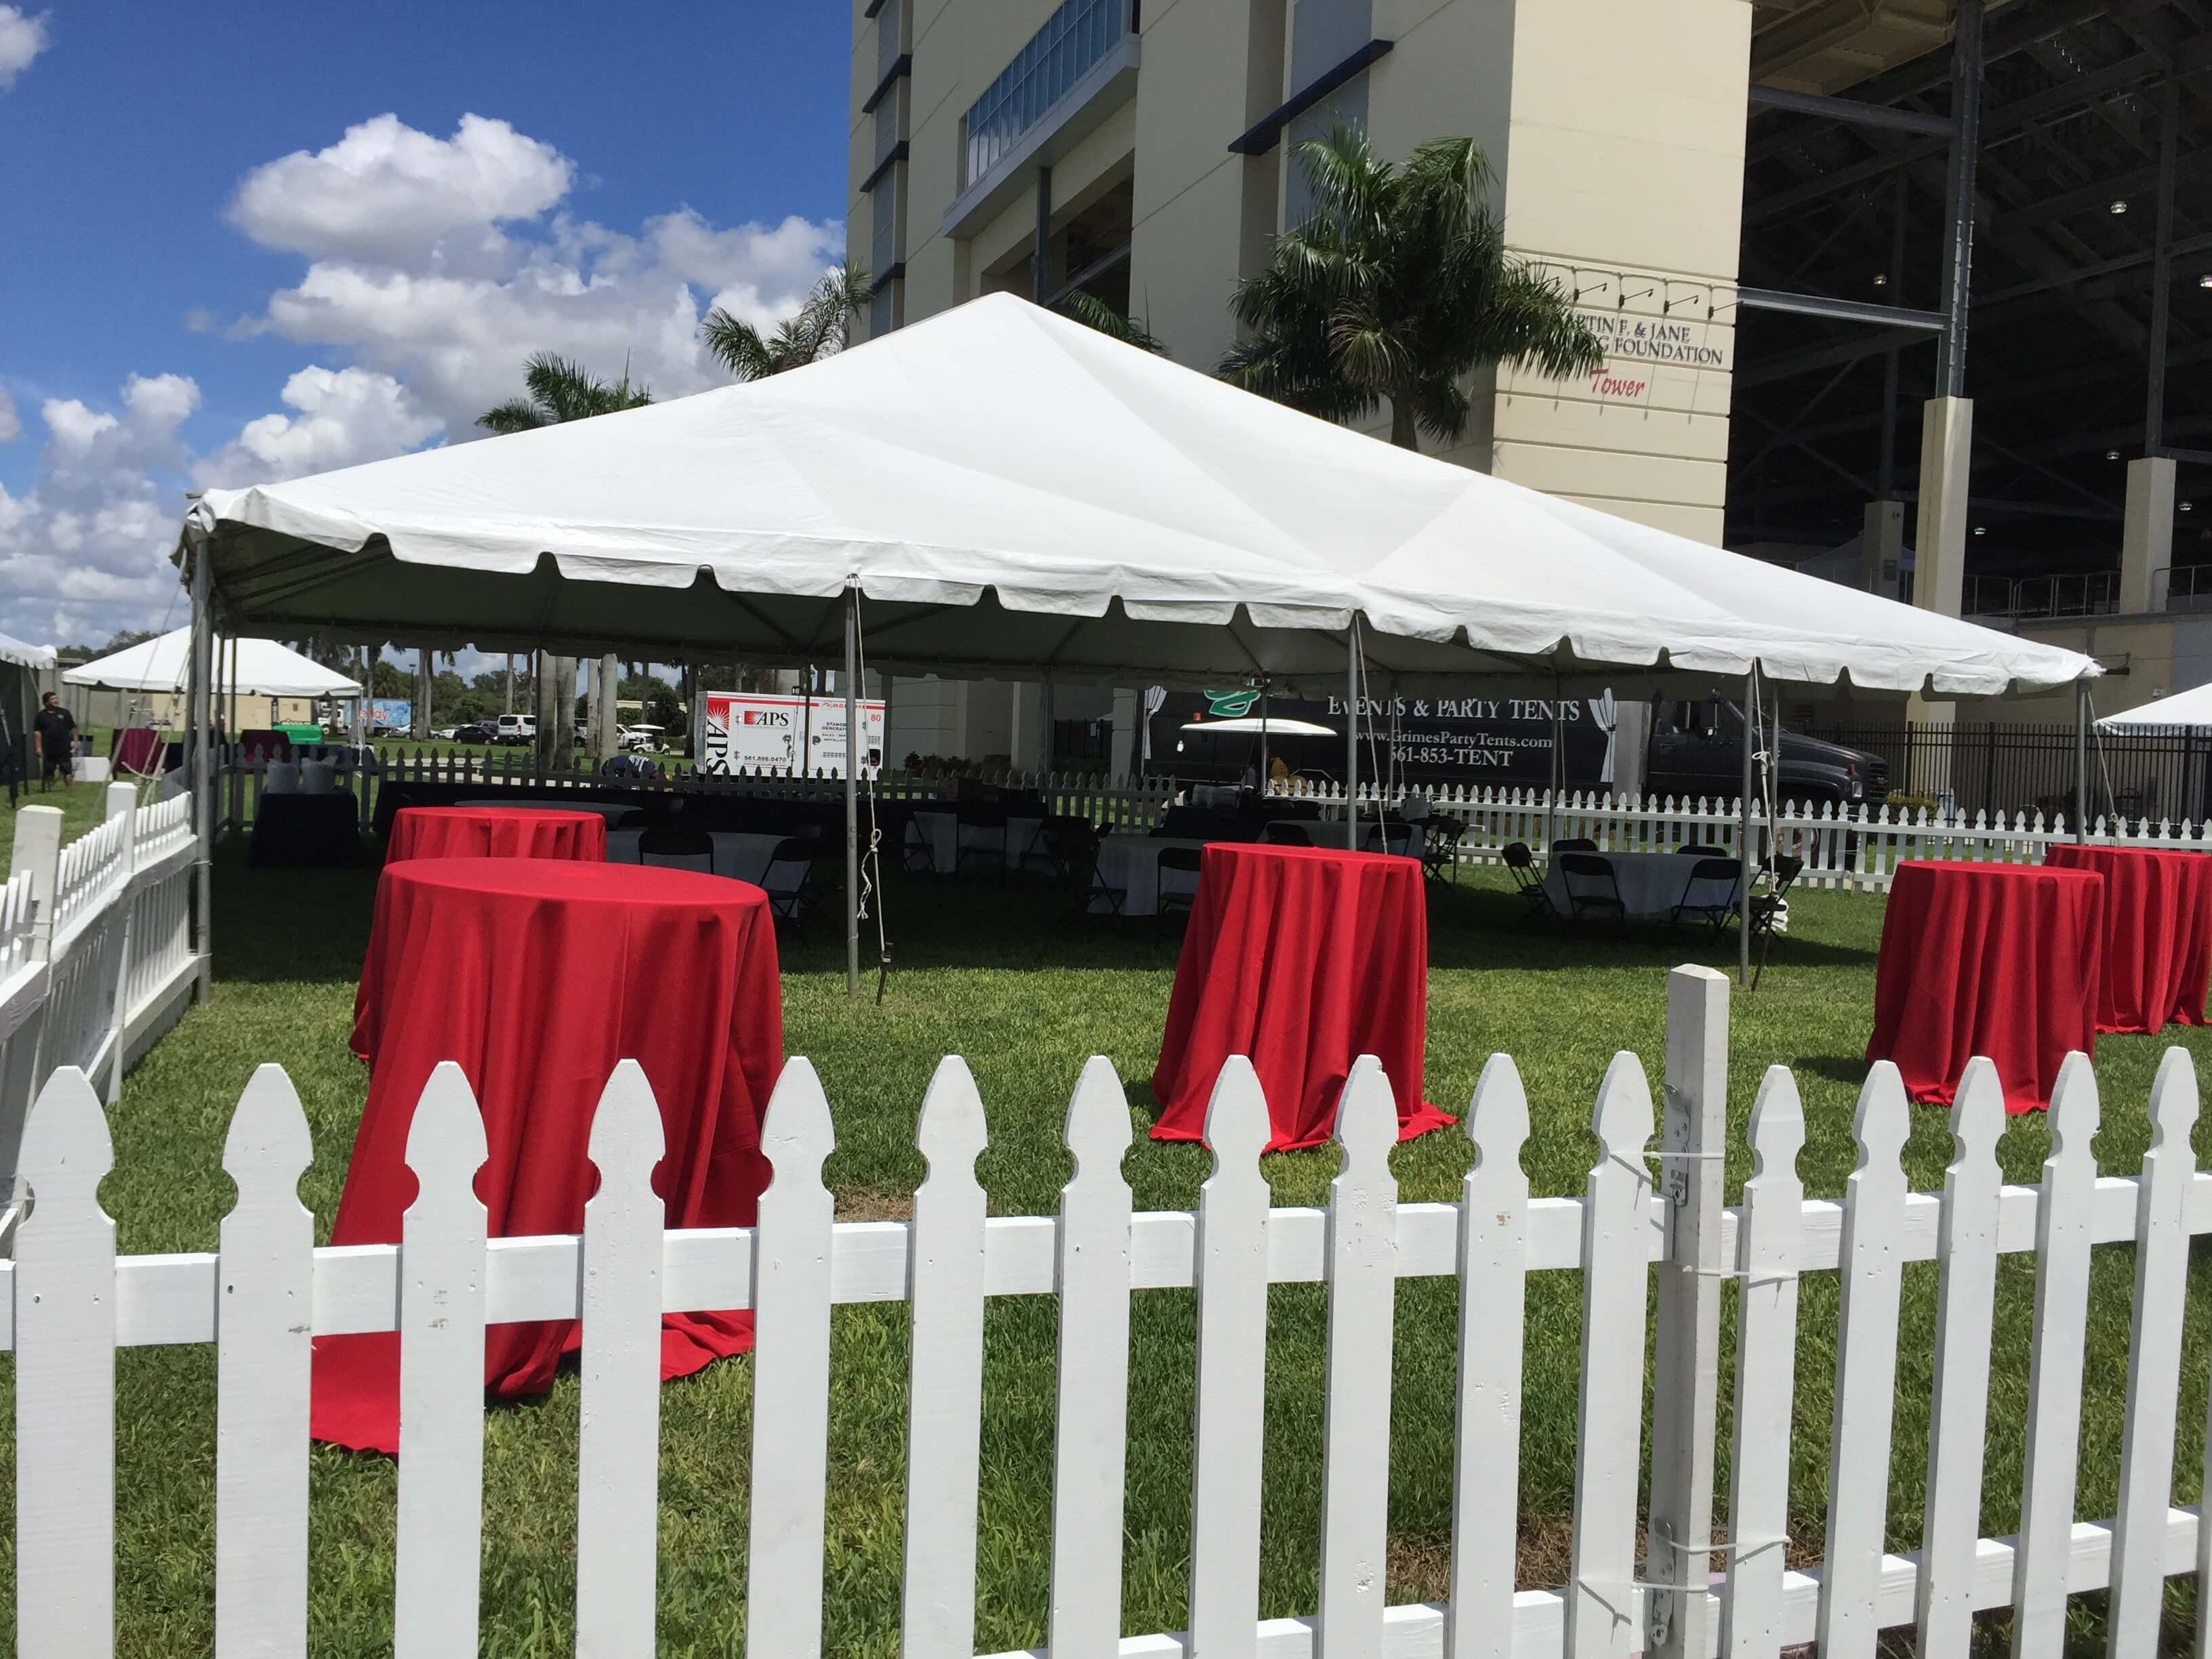 Pole Tent Rentals & Party Tent Rentals and Event Tents | Grimes Events u0026 Party Tents